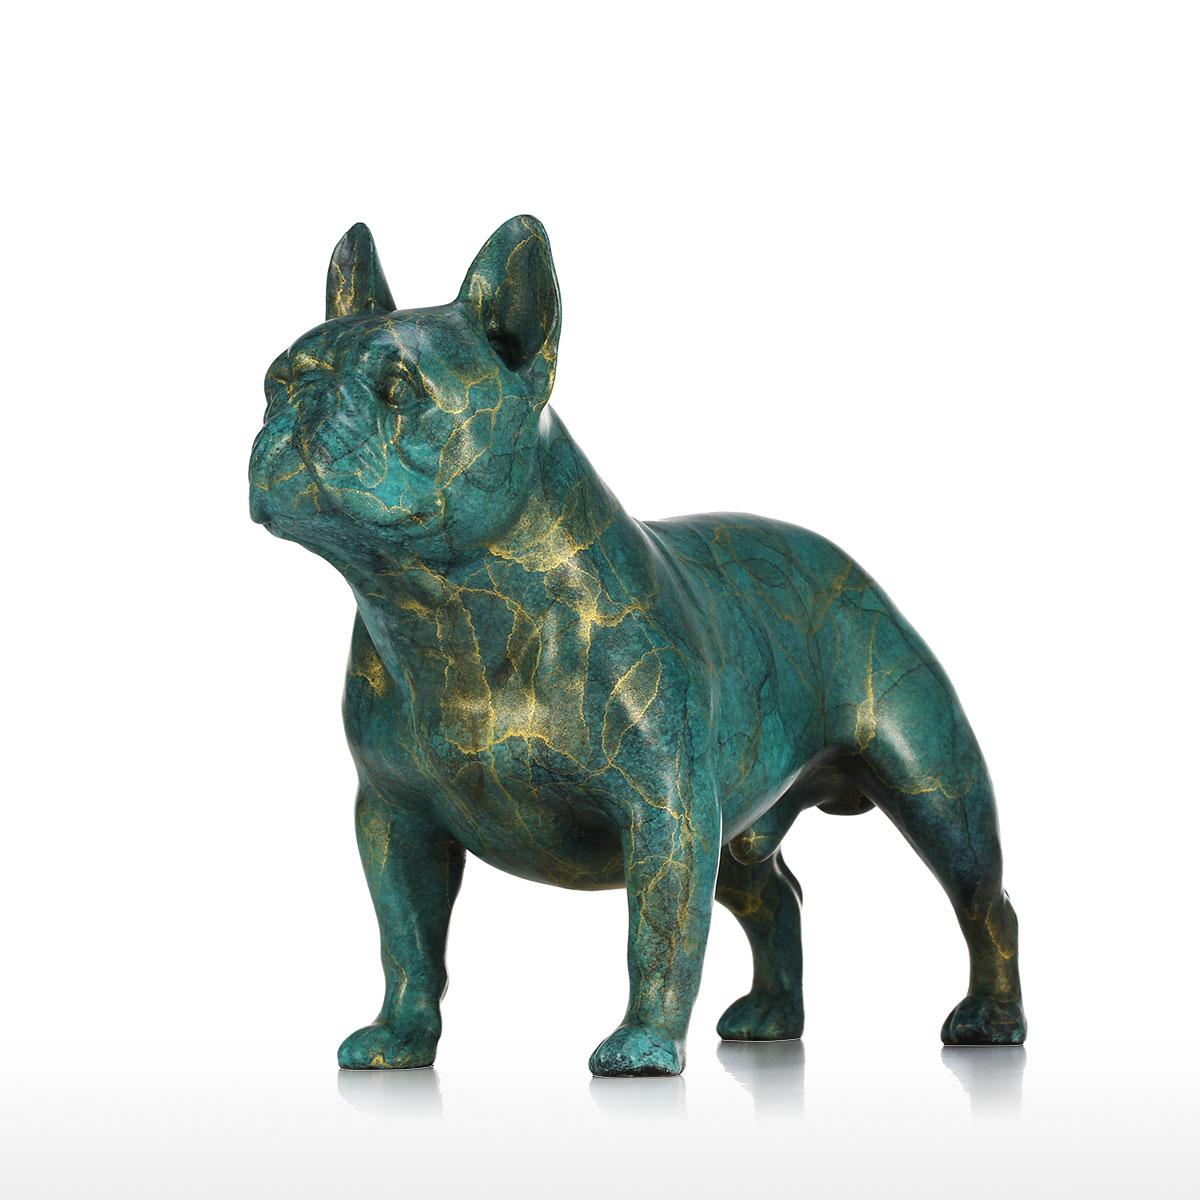 Image result for bronze sculpture